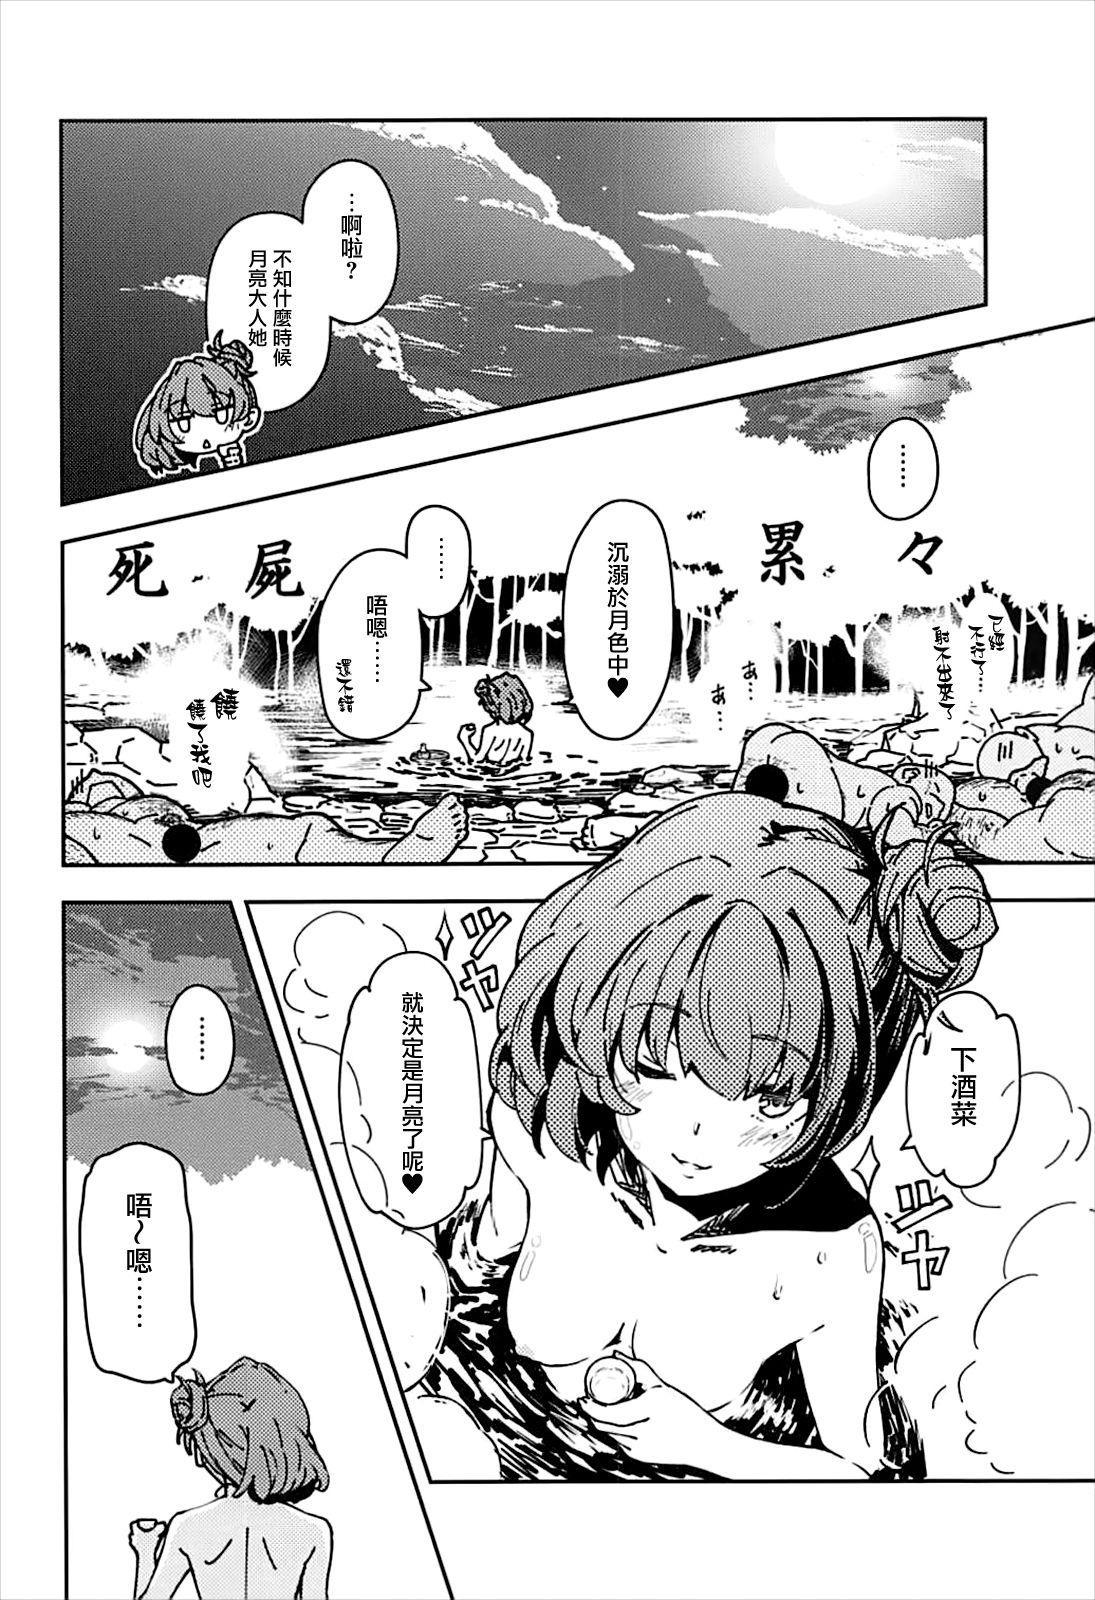 Takagaki Kaede no Konyoku Onsen Hitoritabi Bon + C93 Omake Bon 19